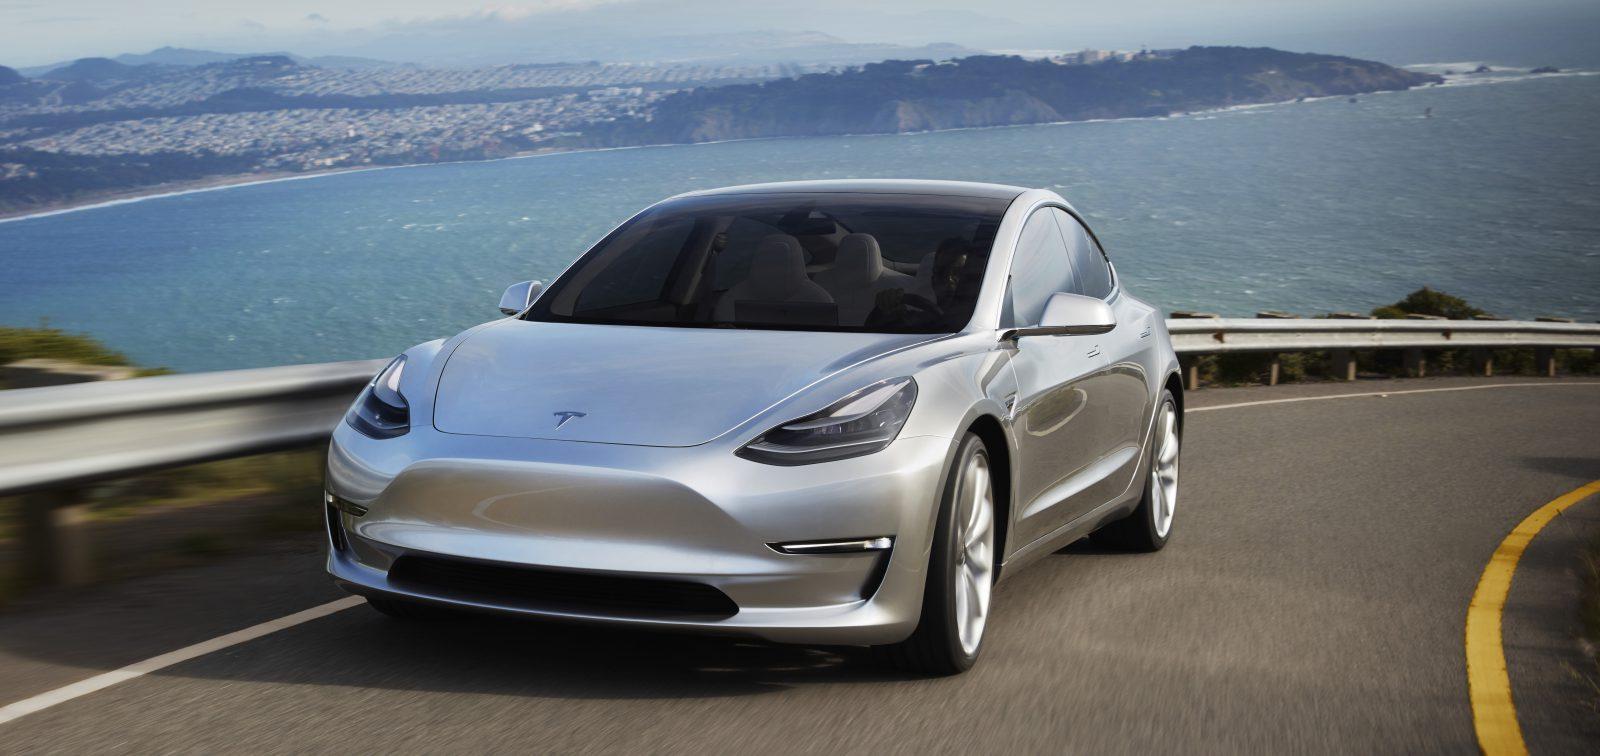 V čem přinášejí elektromobily změnu?